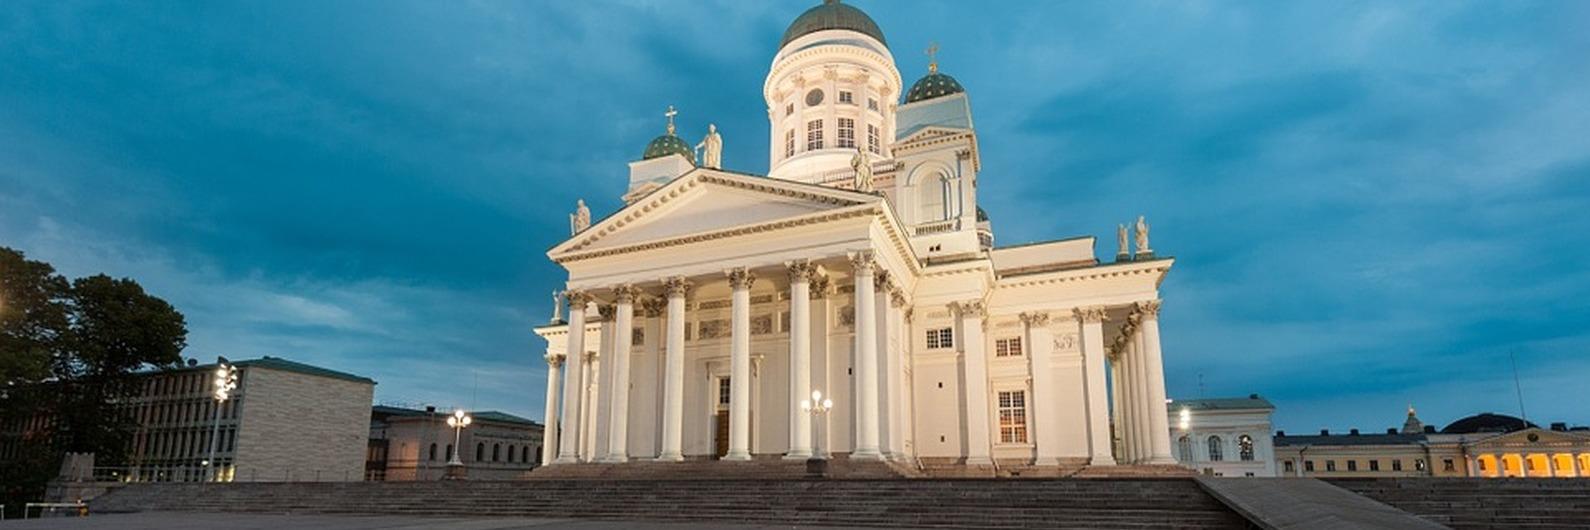 Helsínquia foi distinguida pela UNESCO como a Cidade do Design